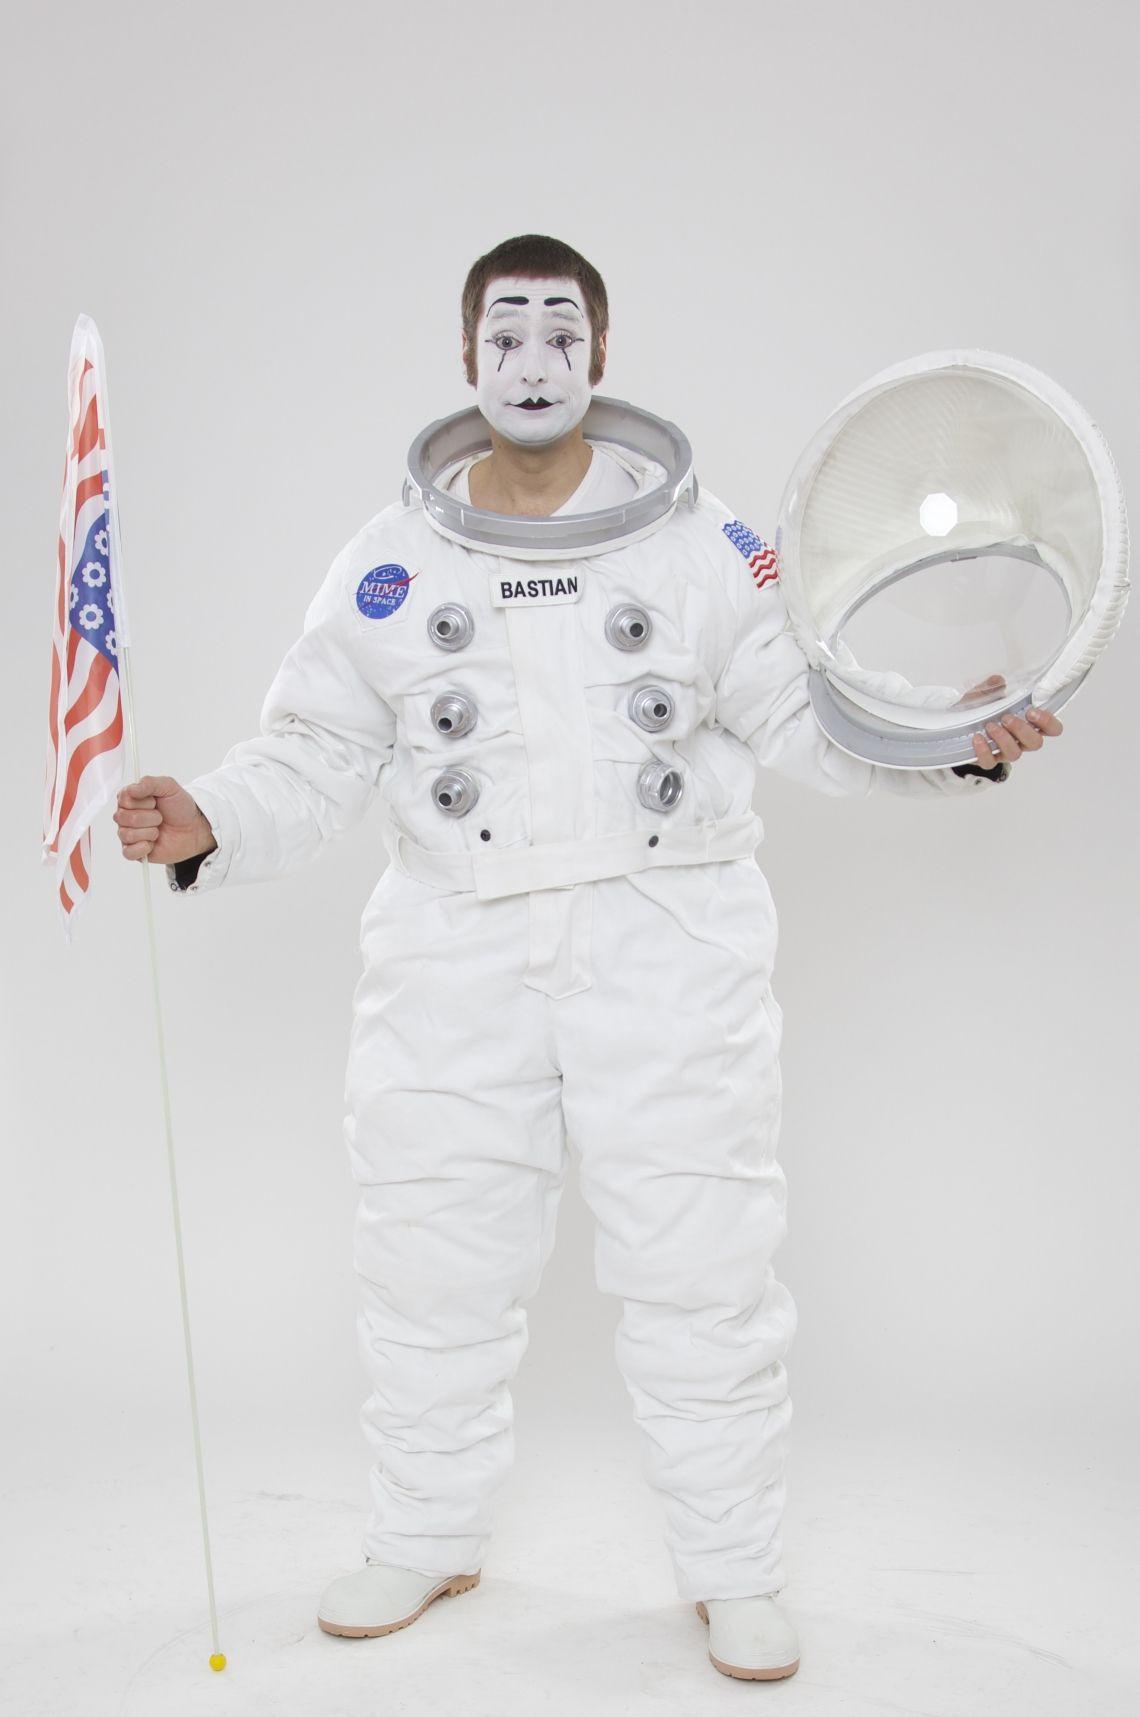 Bastian als Astronaut Bastian grüßt from Outer Space, natürlich stilecht im Raumanzug mit Special Effects!